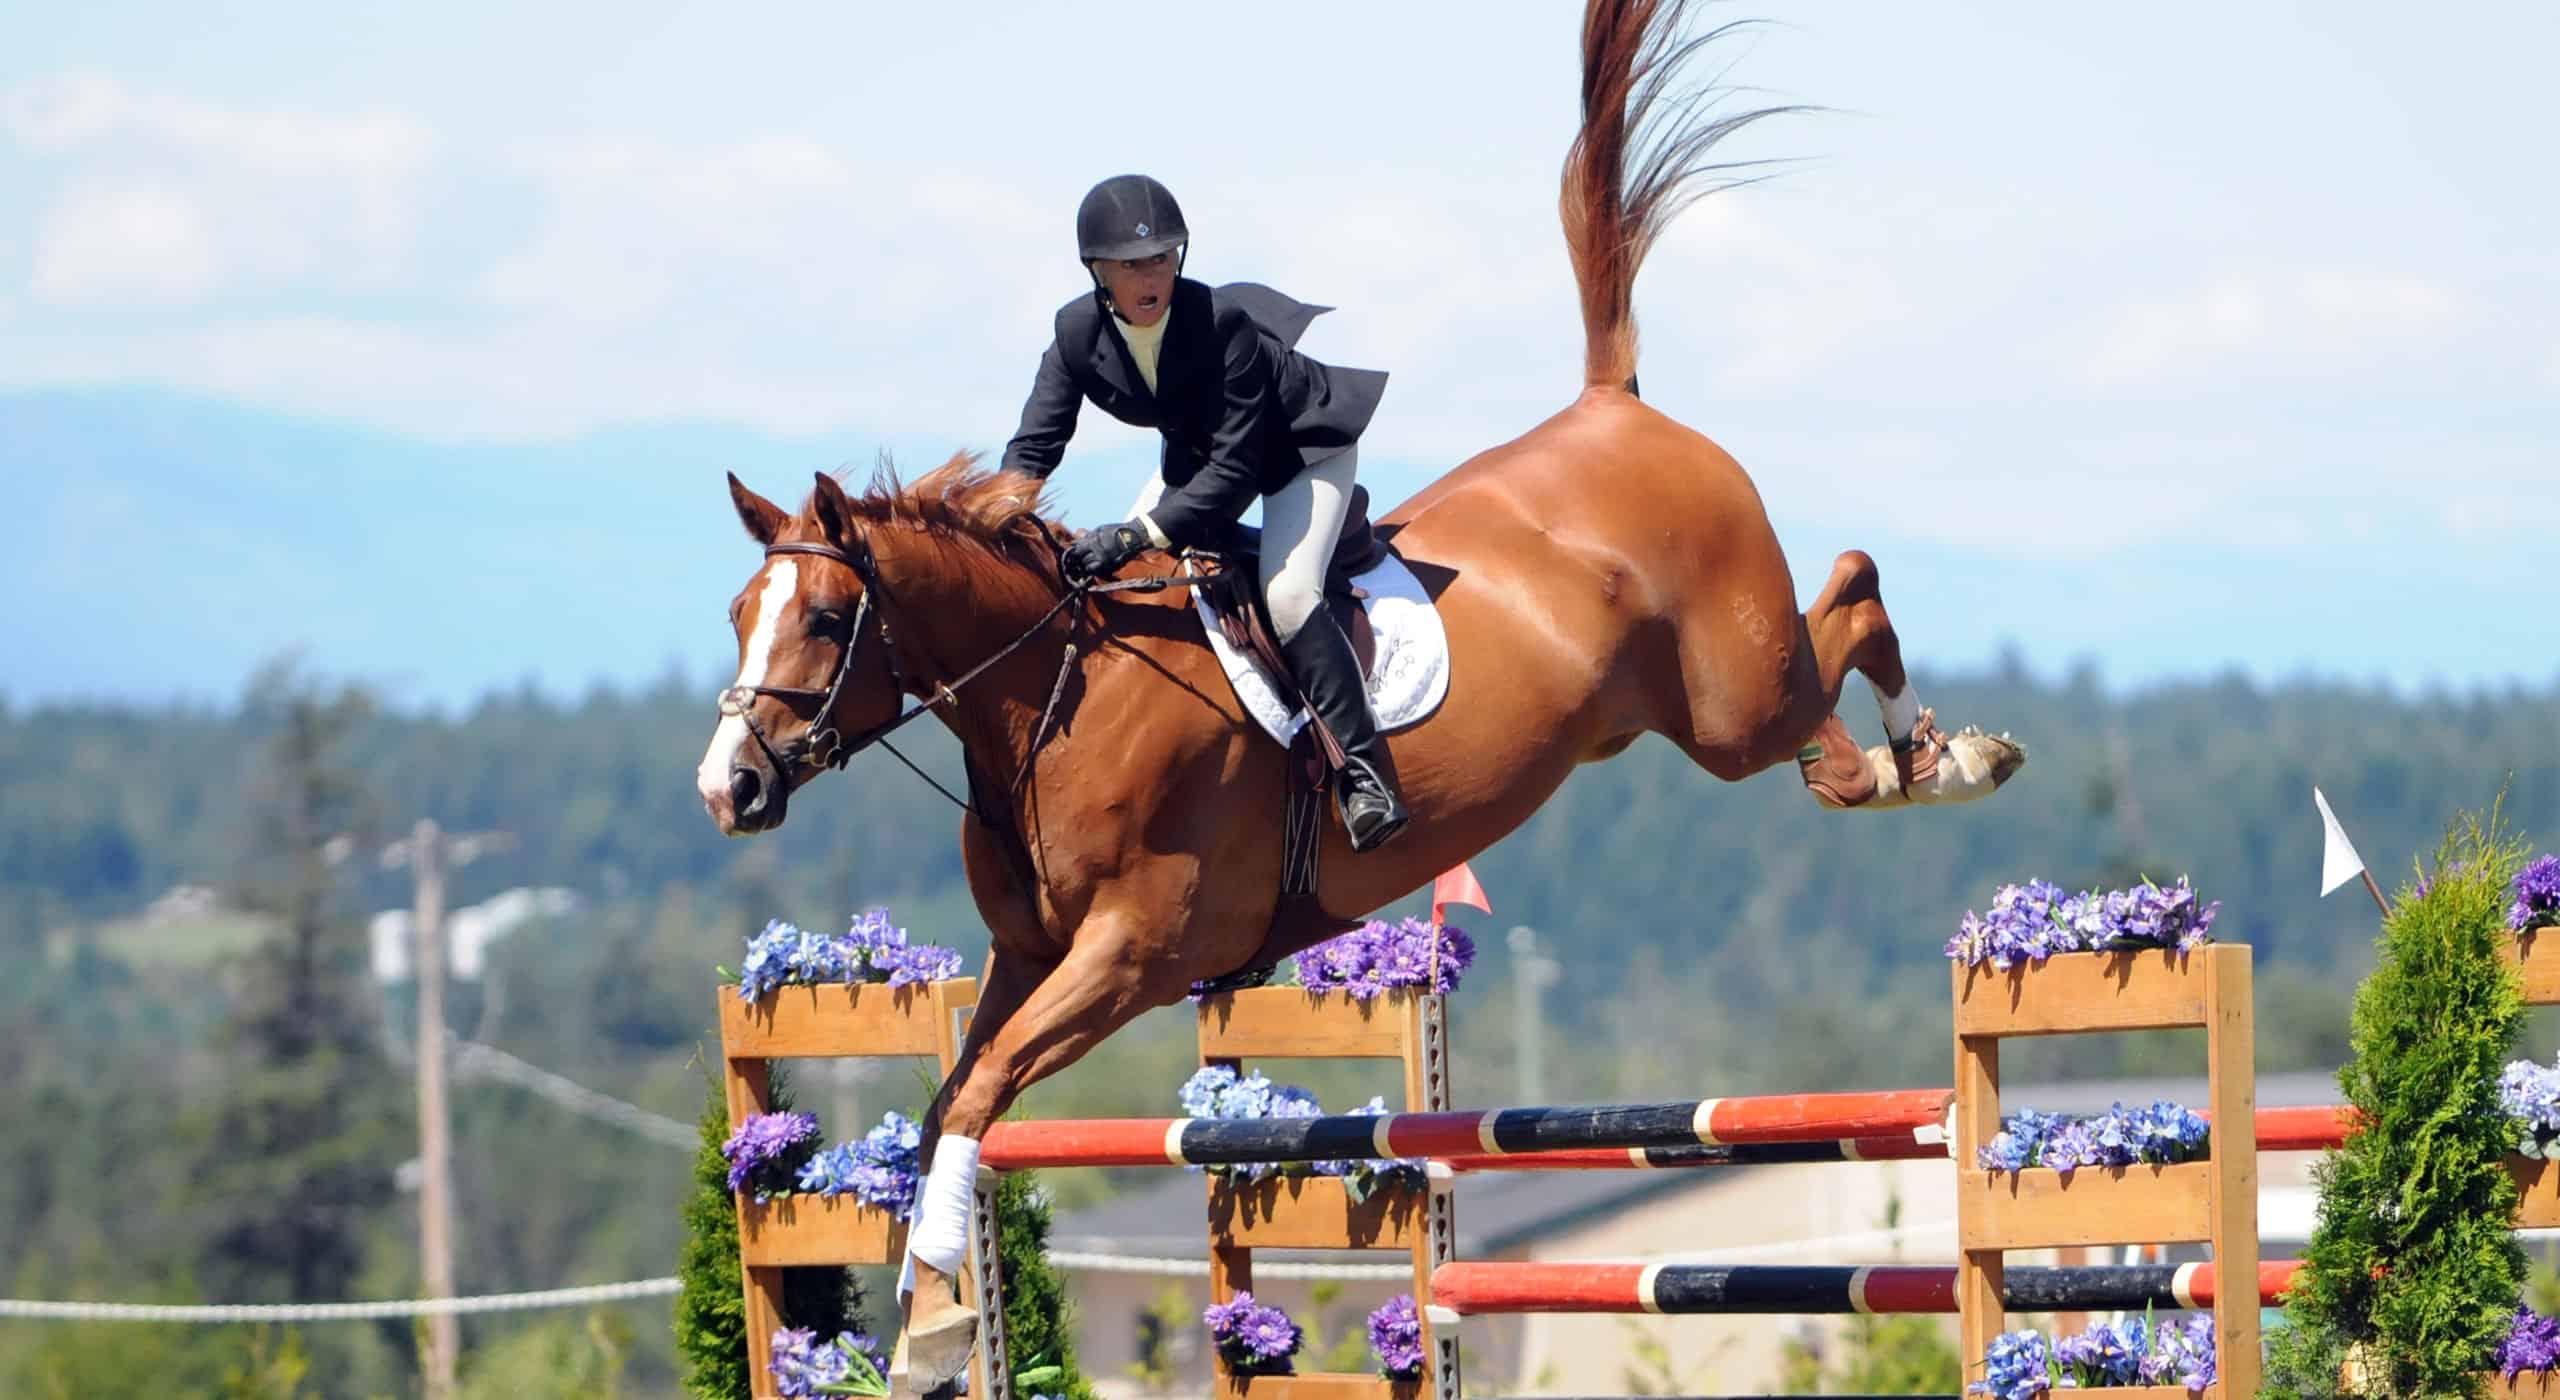 lochside-lane-horse-sales-victoria-homepage-slider10-25602